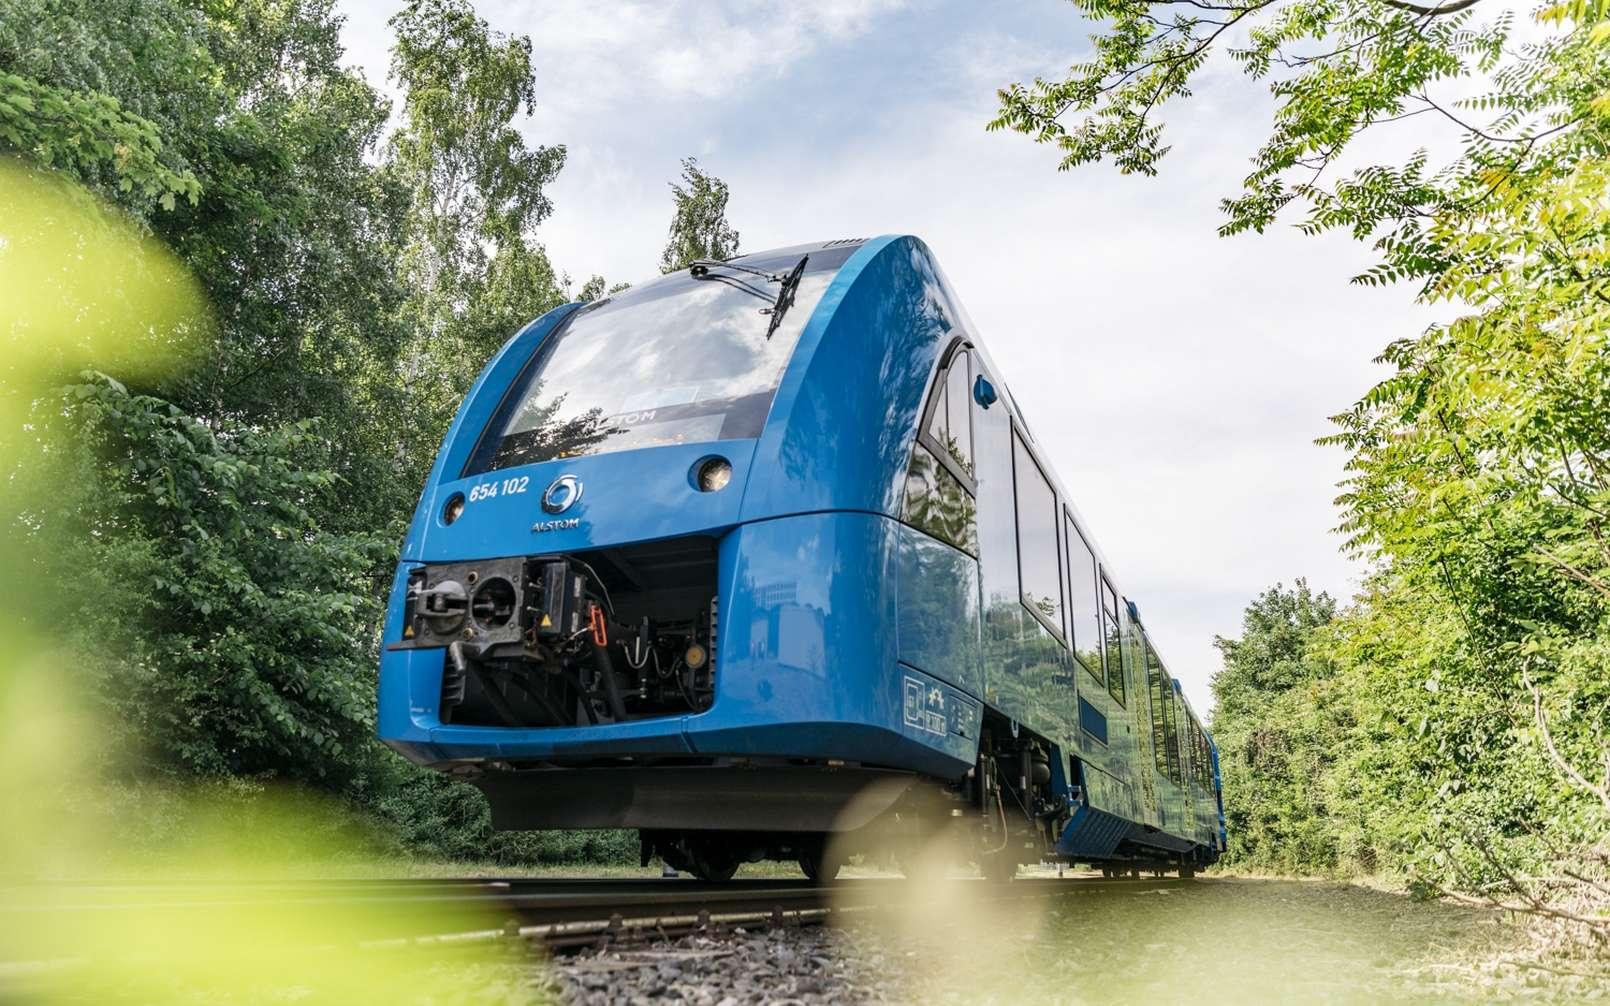 Le train à hydrogène Coradia iLint fabriqué par Alstom comprend deux rames. © René Frampe